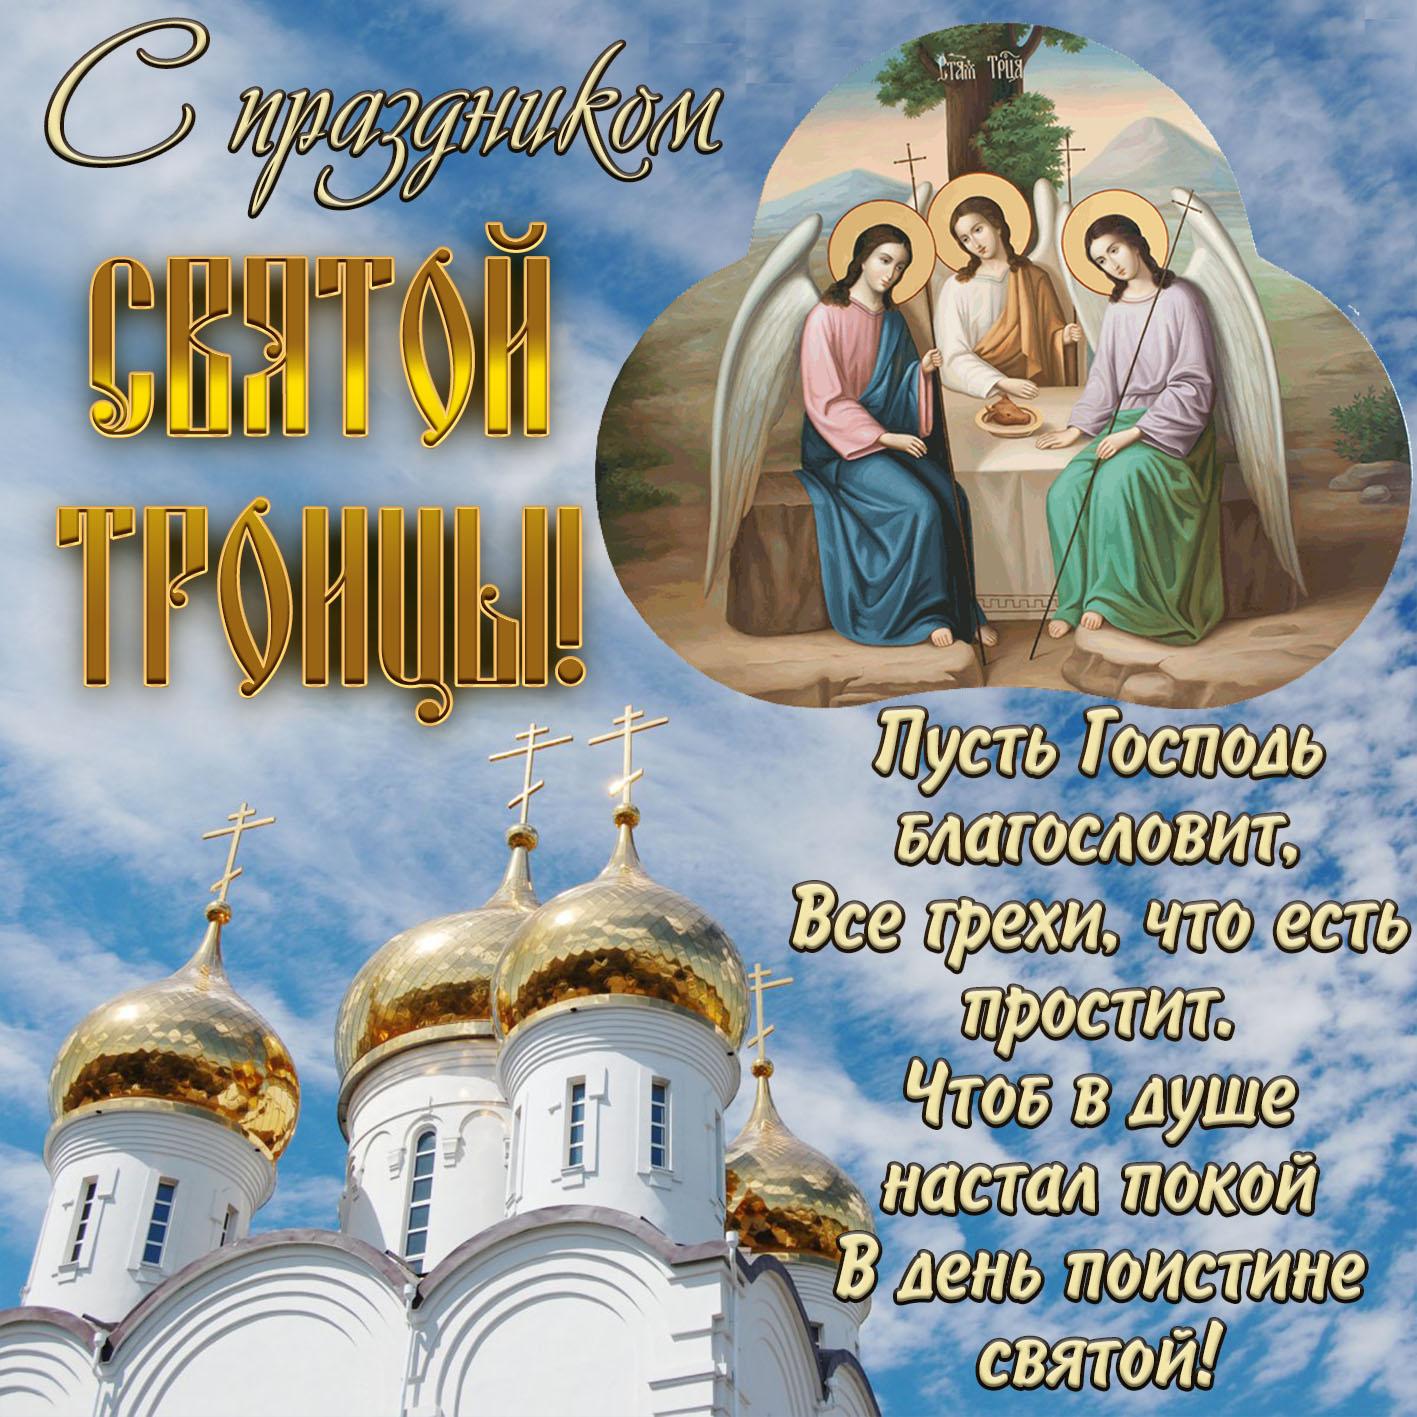 Красочные поздравления картинки с праздником святой троицы